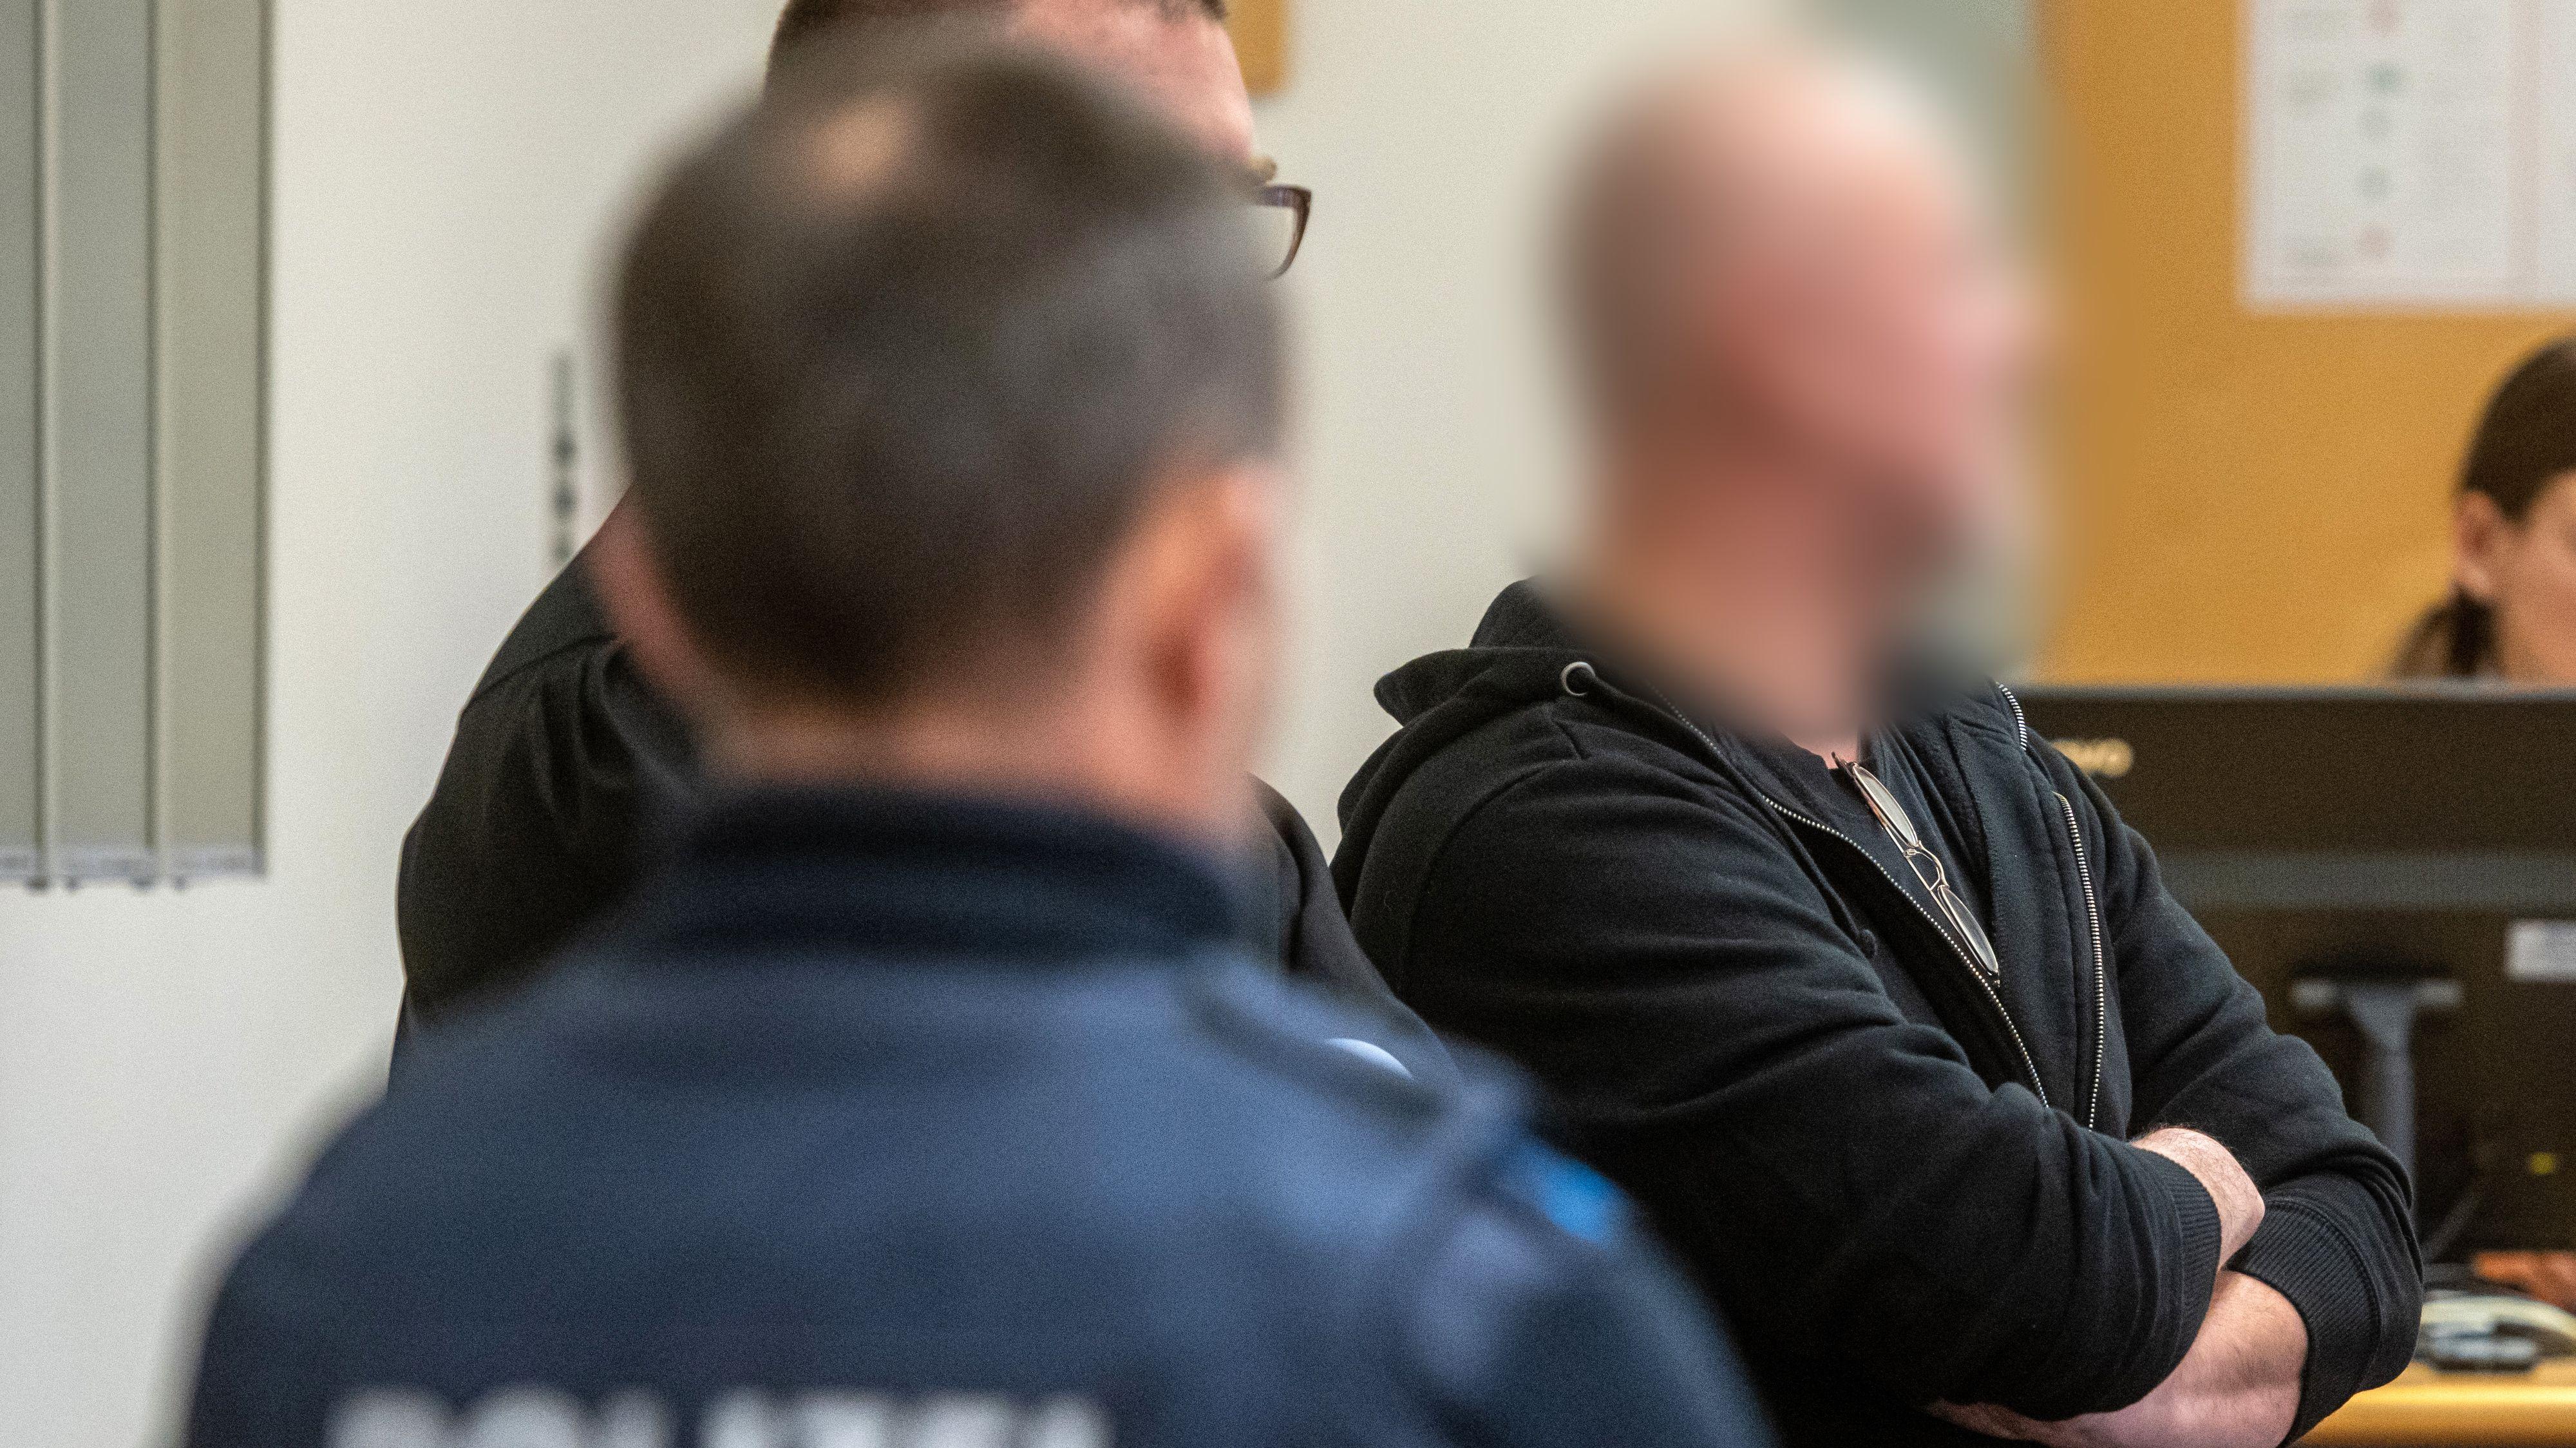 Der Angeklagte (re.) steht im Verhandlungssaal des Landgerichts neben seinem Verteidiger Sebastian Gaßmann (M) und einem Polizisten.